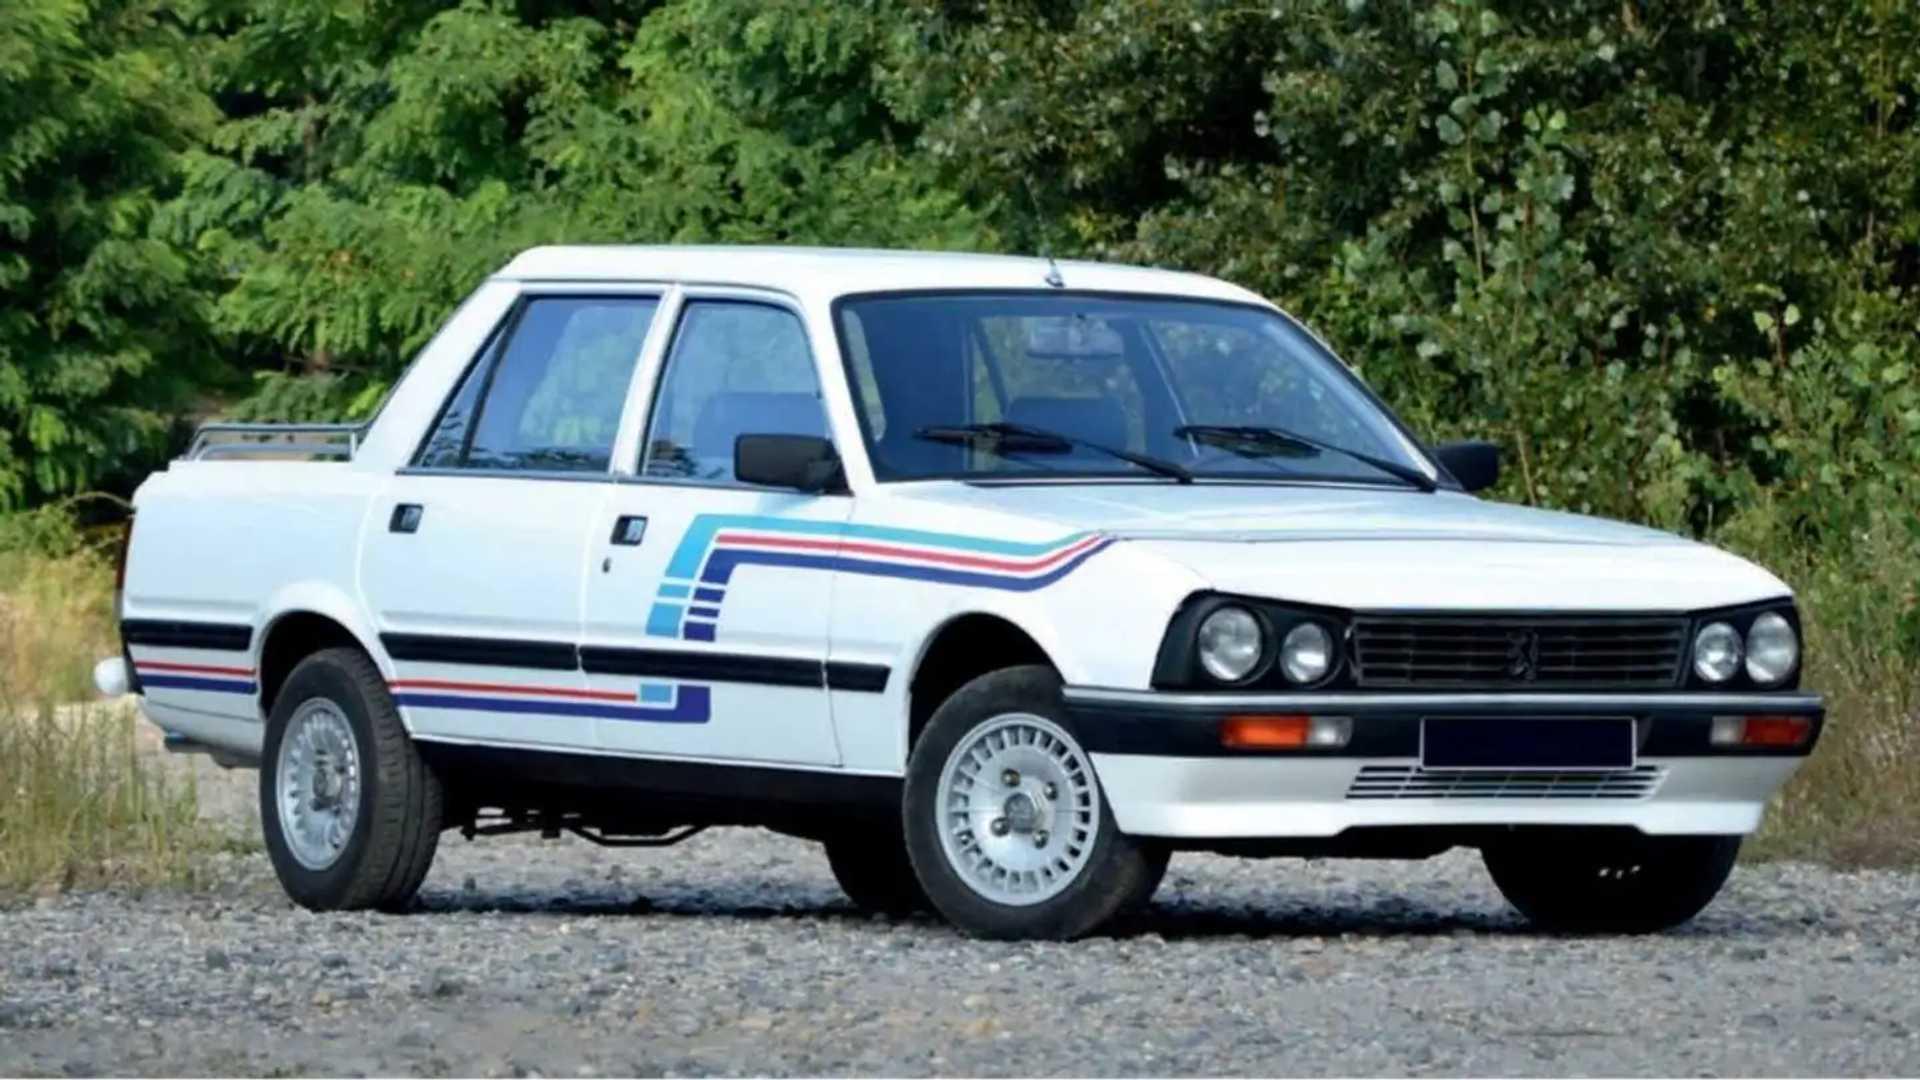 Une très rare Peugeot 505 double cabine Gruau est à vendre